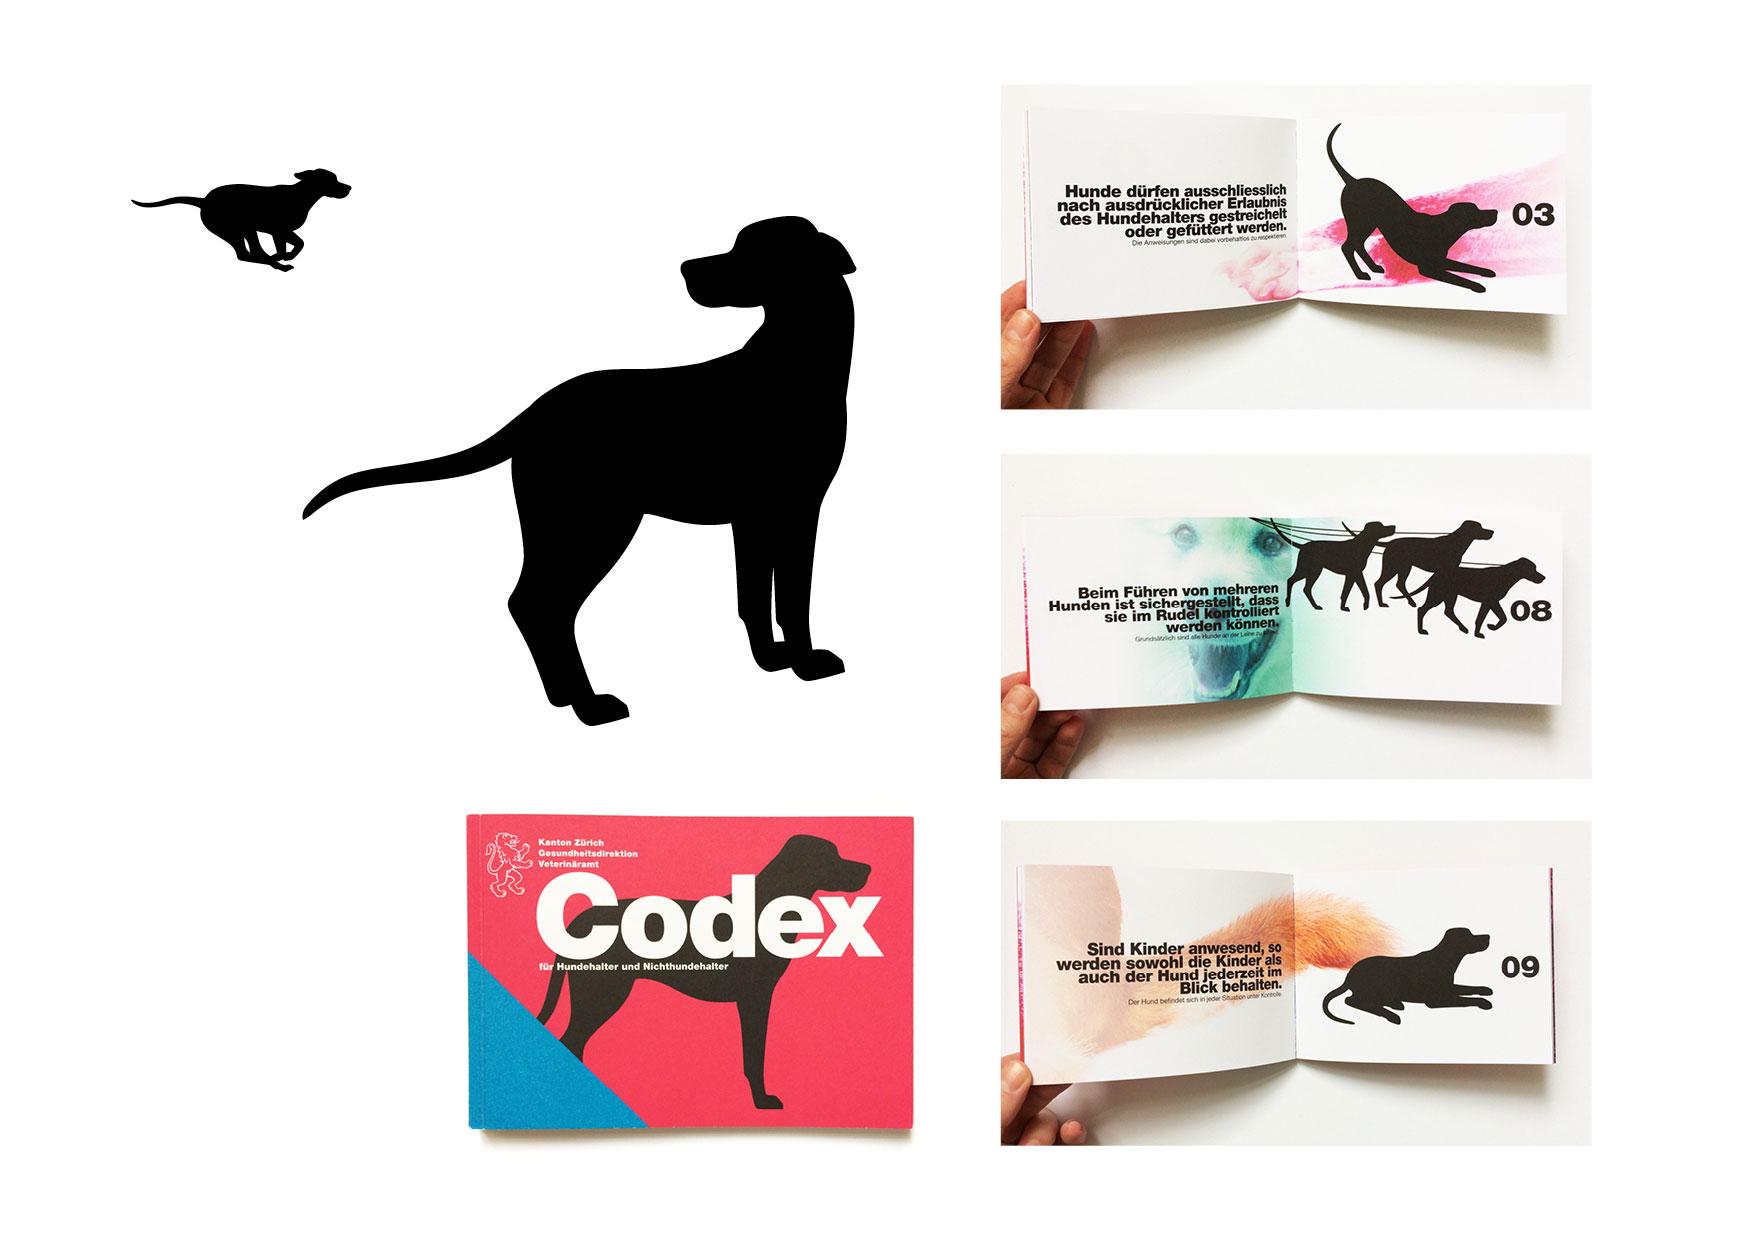 hunde_codex_sm